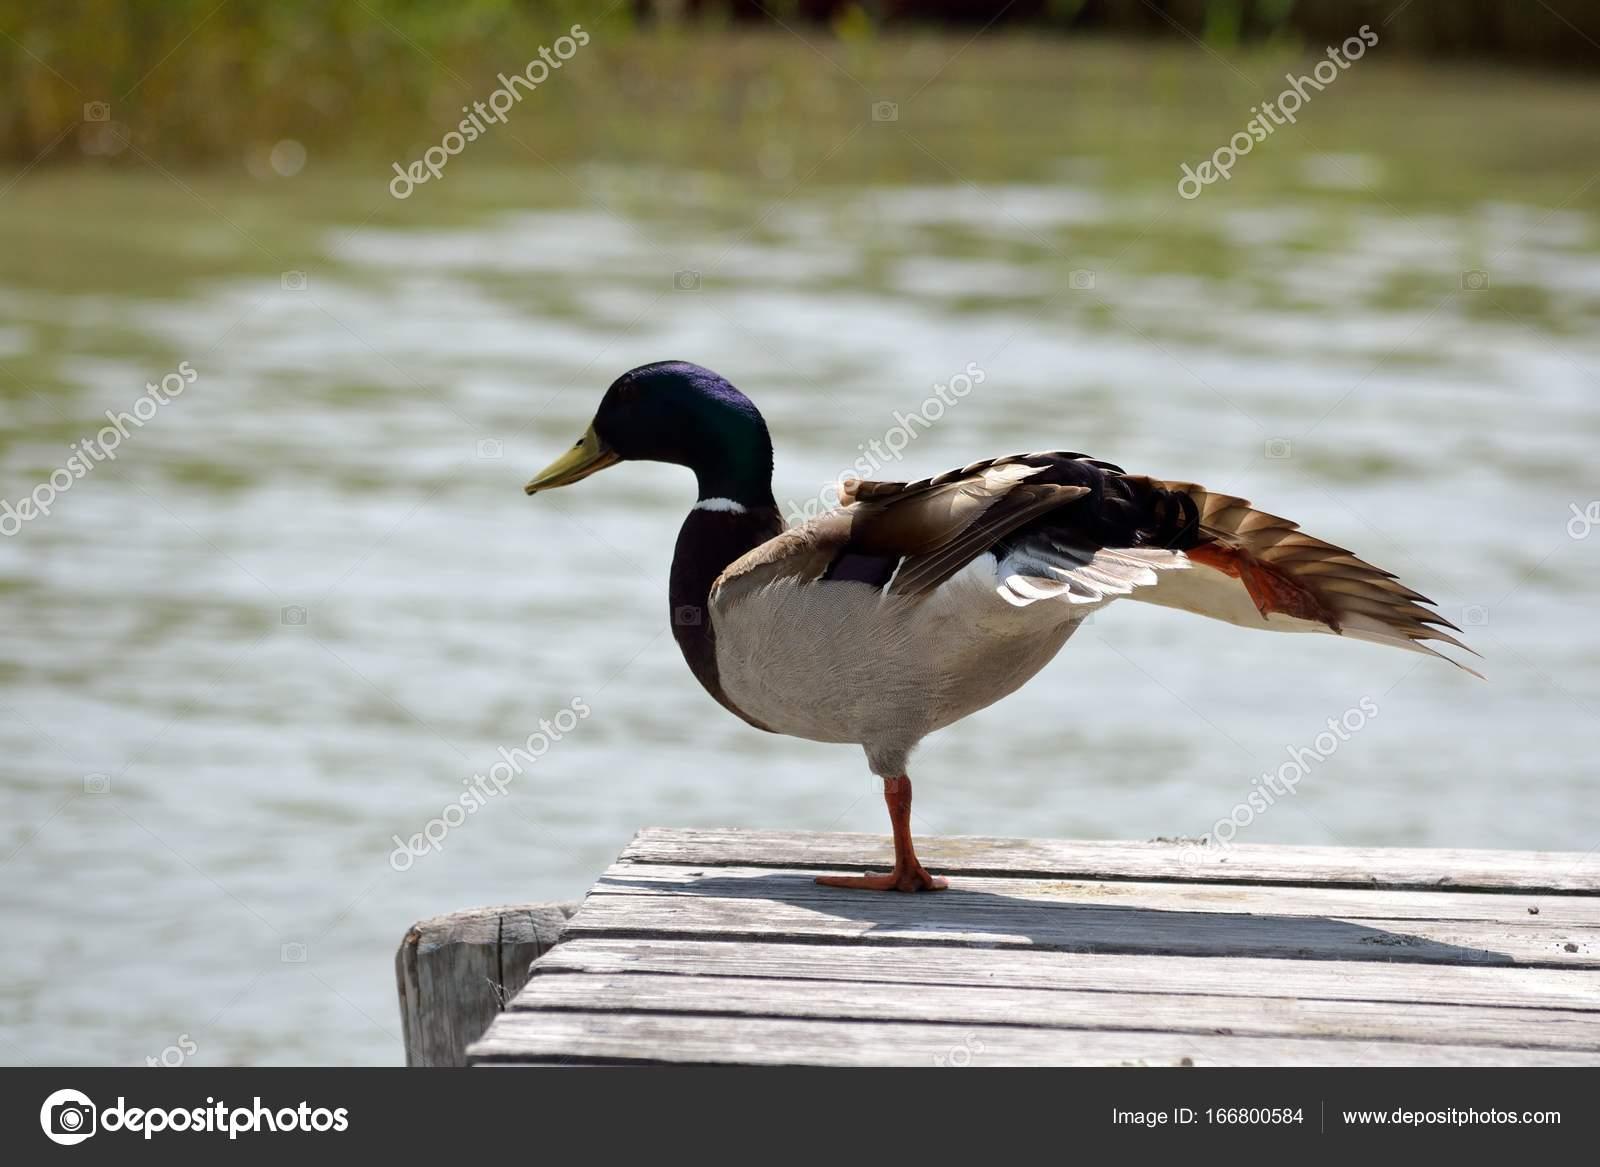 pato macho extiende las alas — Foto de stock © alho007 #166800584